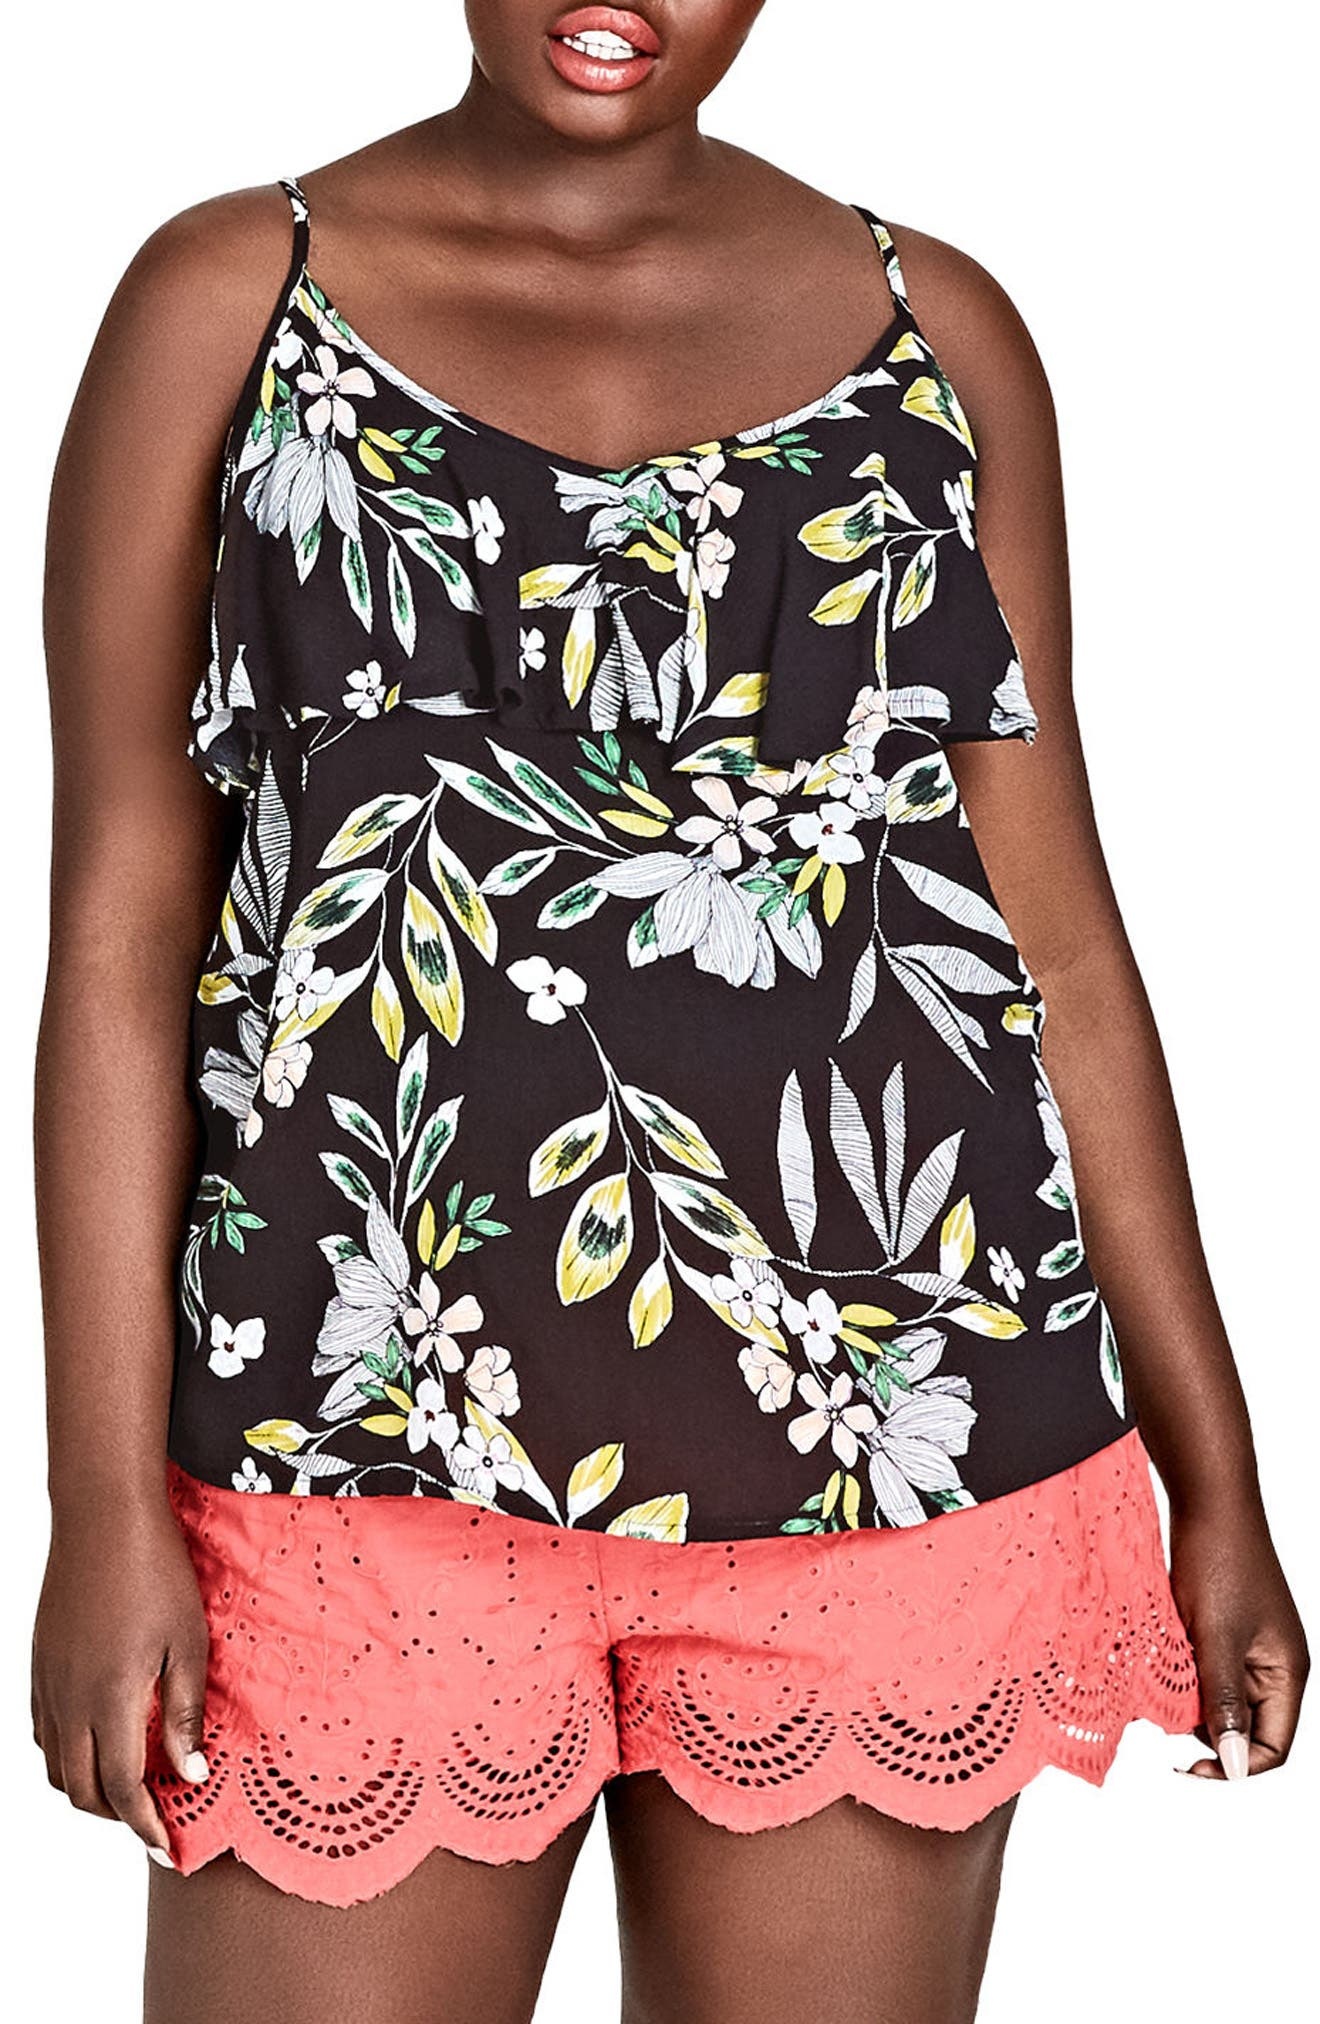 Maui Floral Top,                         Main,                         color, MAUI FLORAL